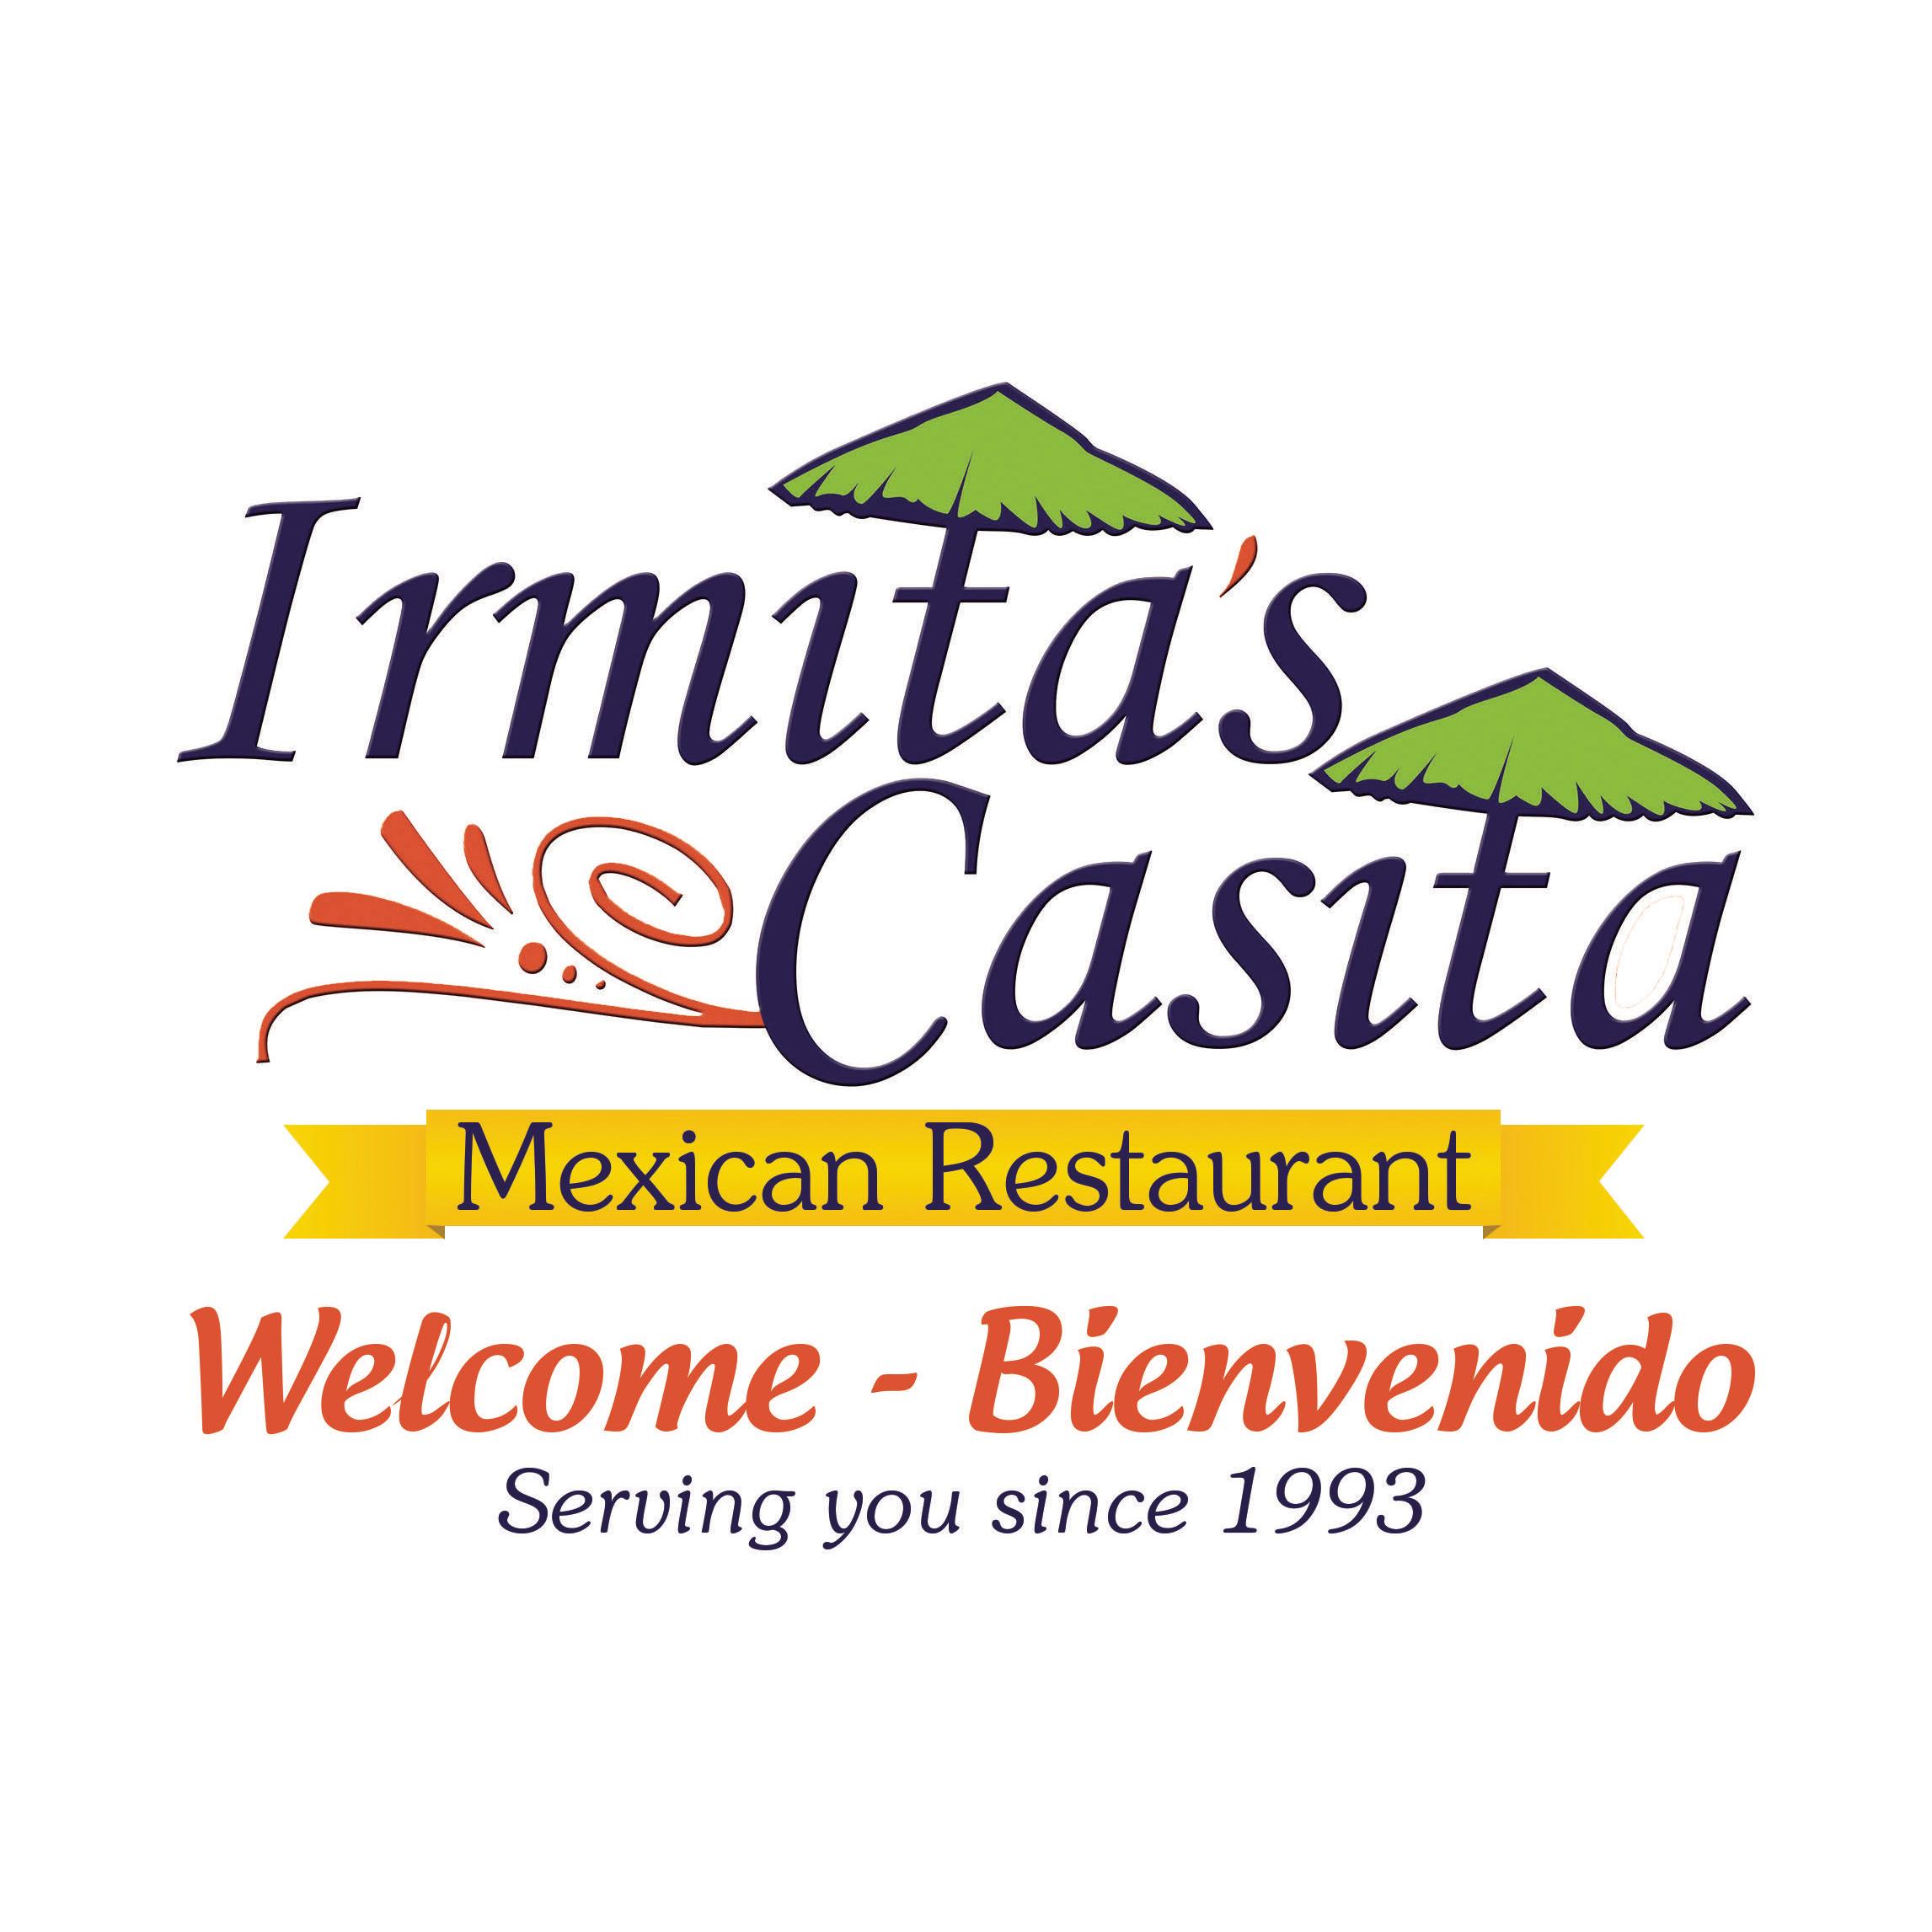 Irmita's Casita image 11